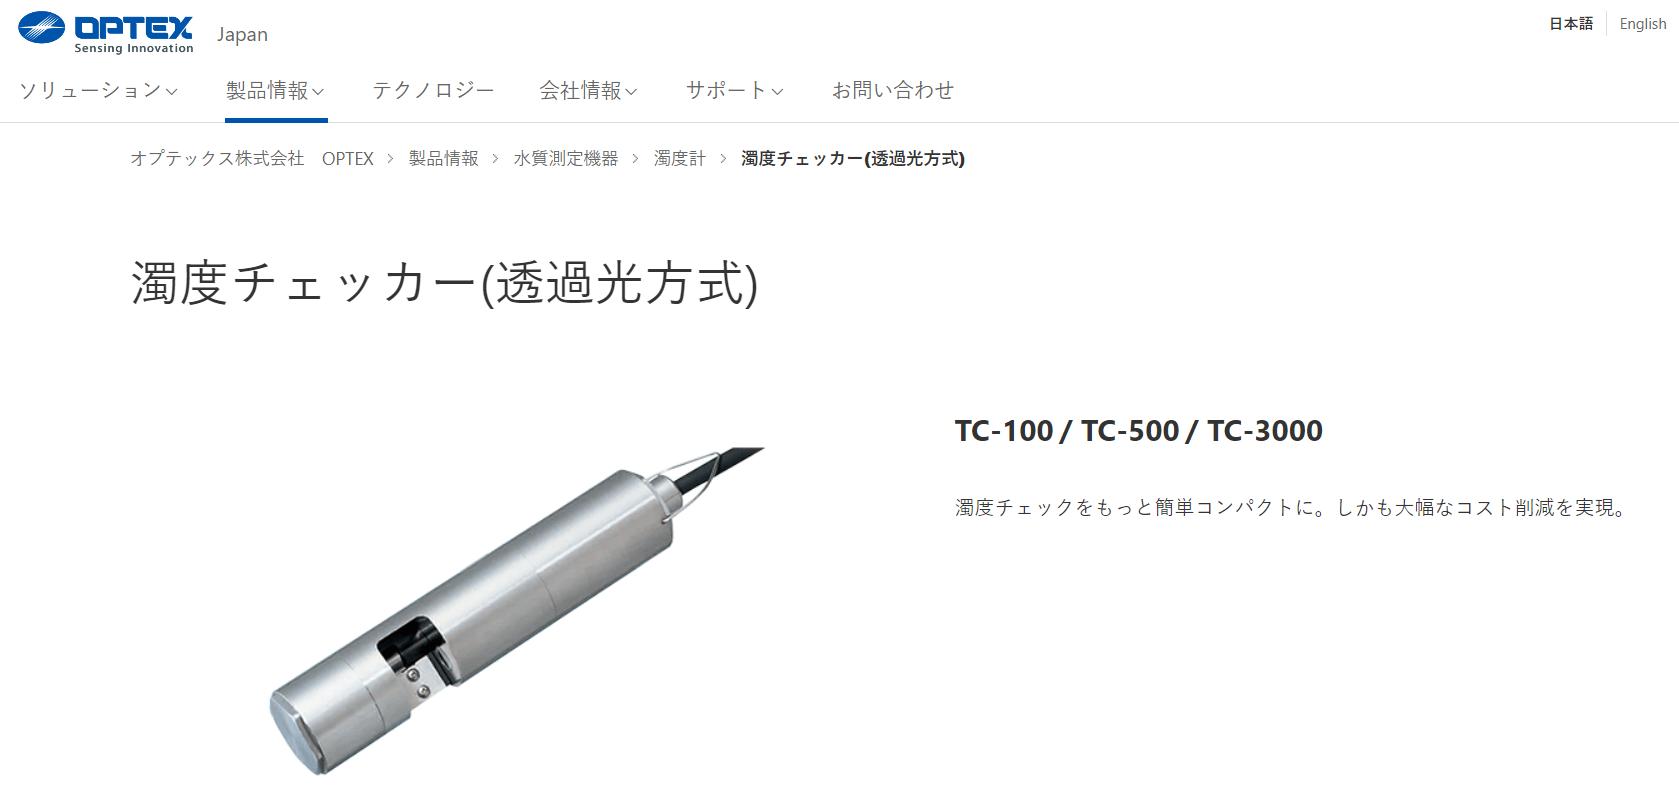 濁度チェッカー(透過光方式) TC-100 / TC-500 / TC-3000